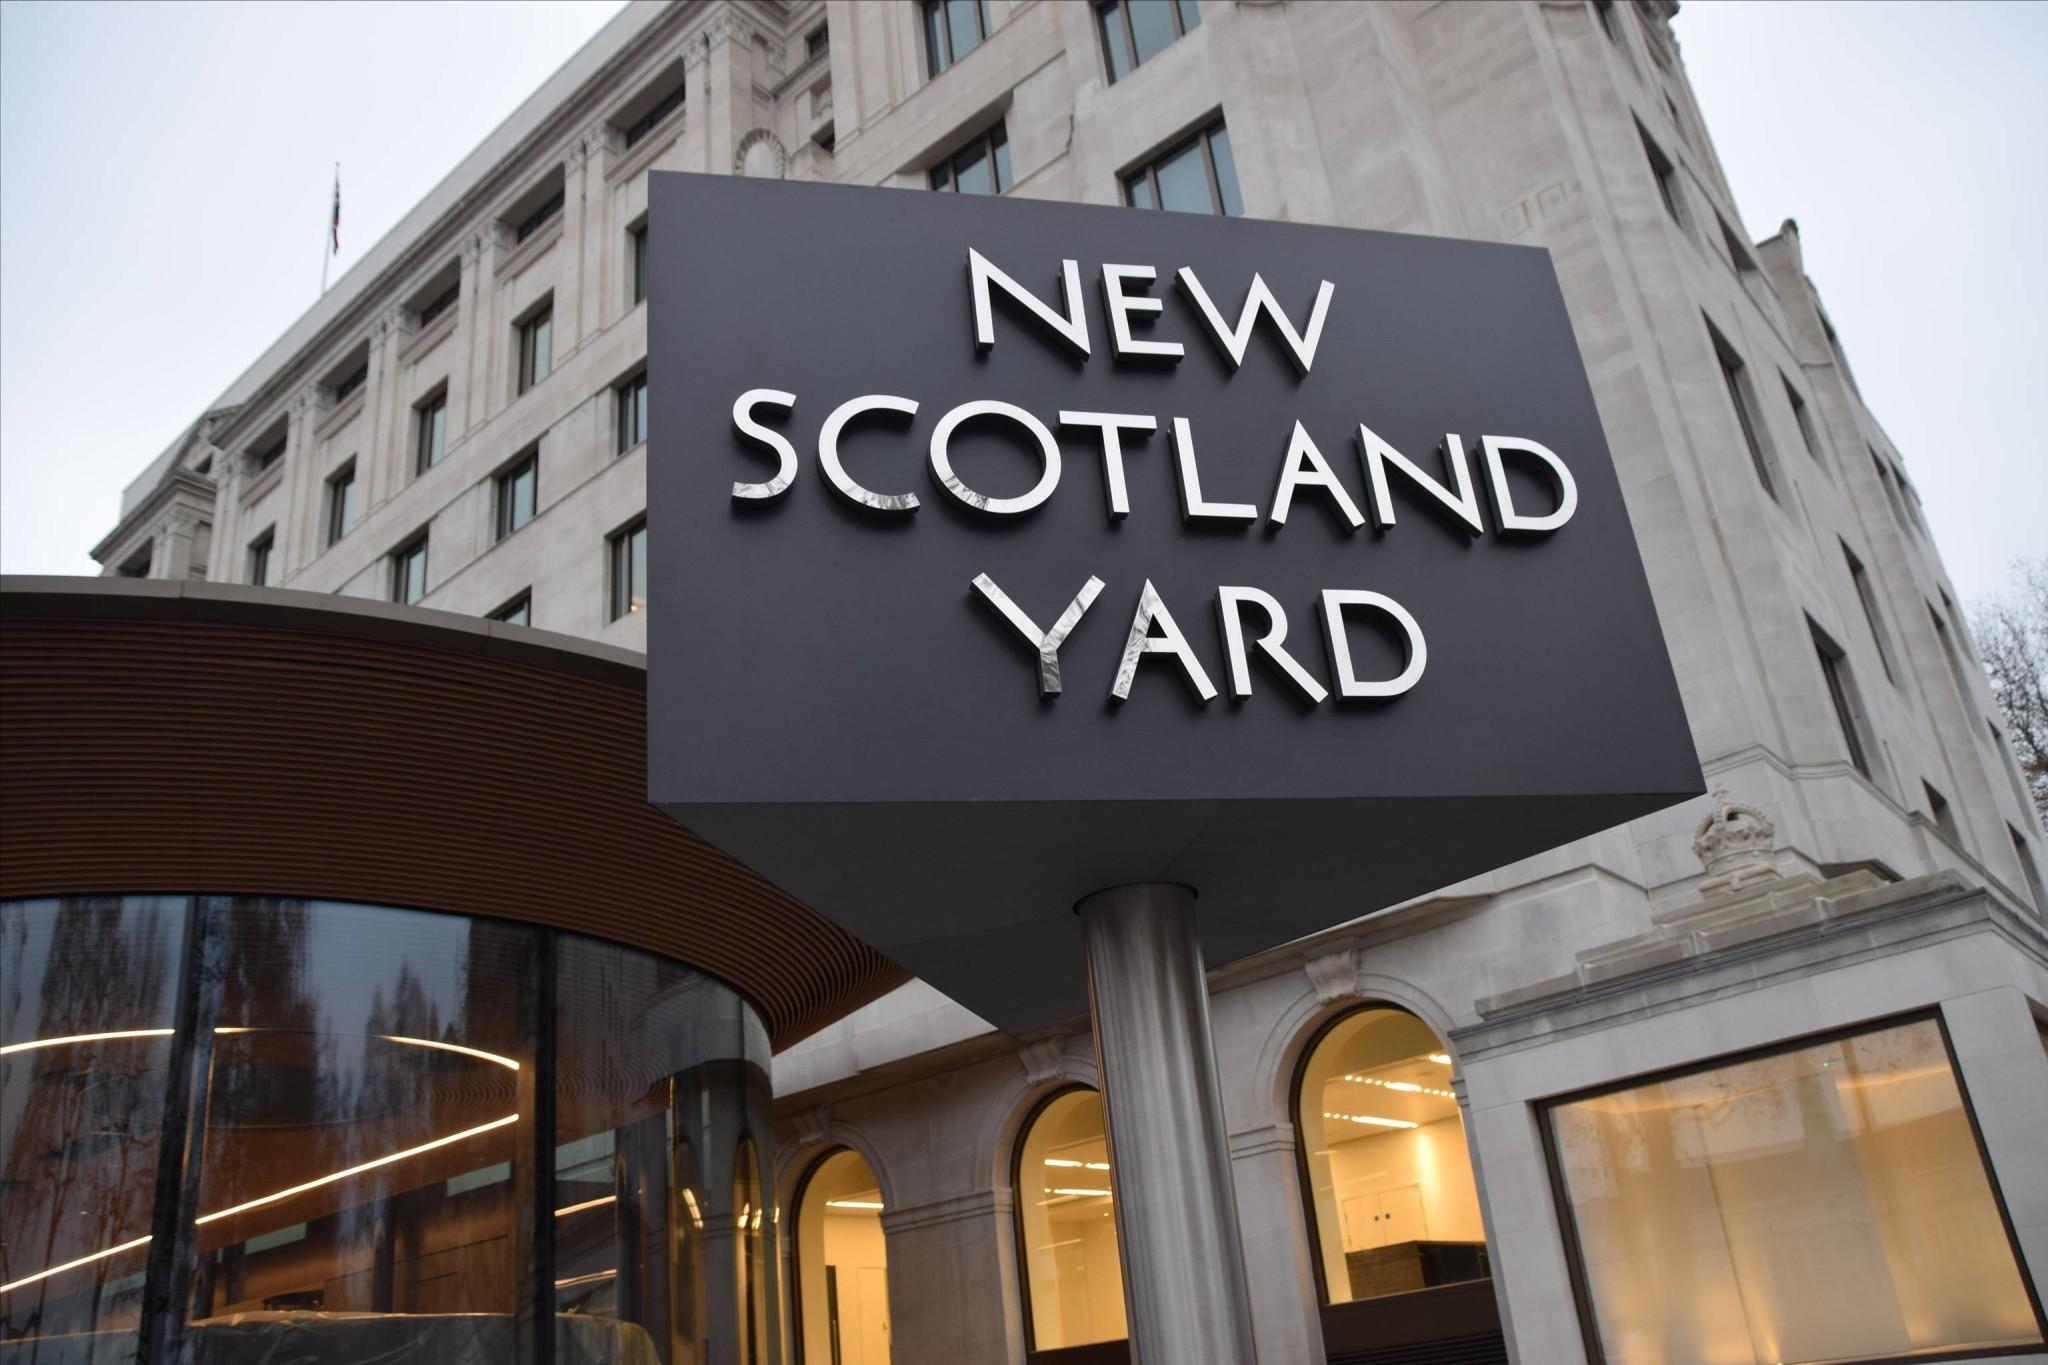 اعتقال وزير بريطاني سابق للاشتباه بارتكابه جريمة اغتصاب